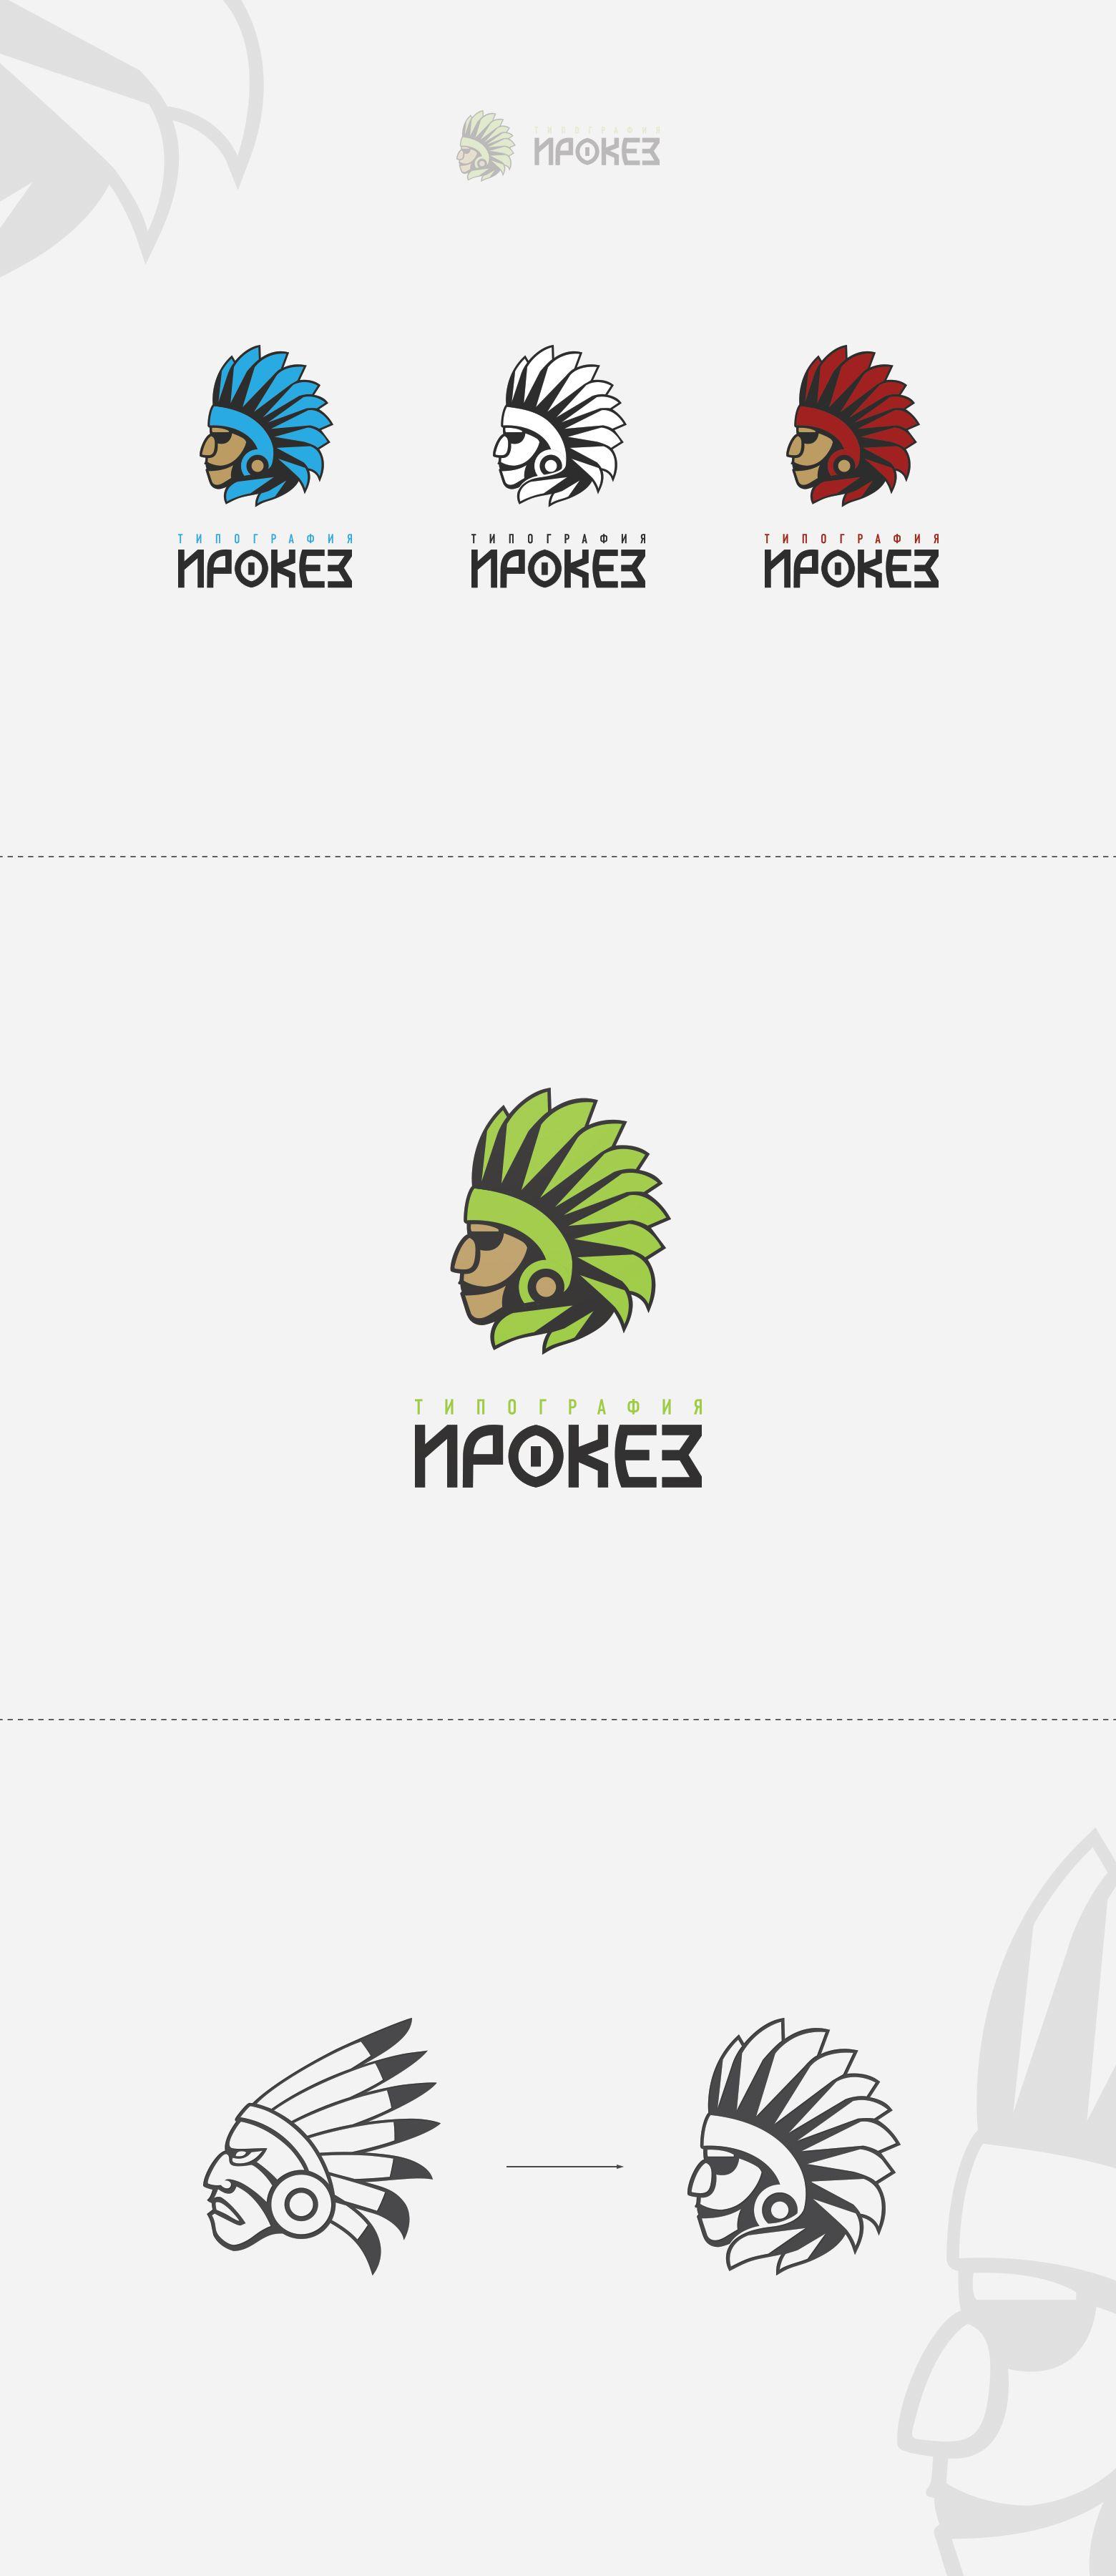 Редизайн лого и дизайн ФС для типографии Ирокез - дизайнер trika